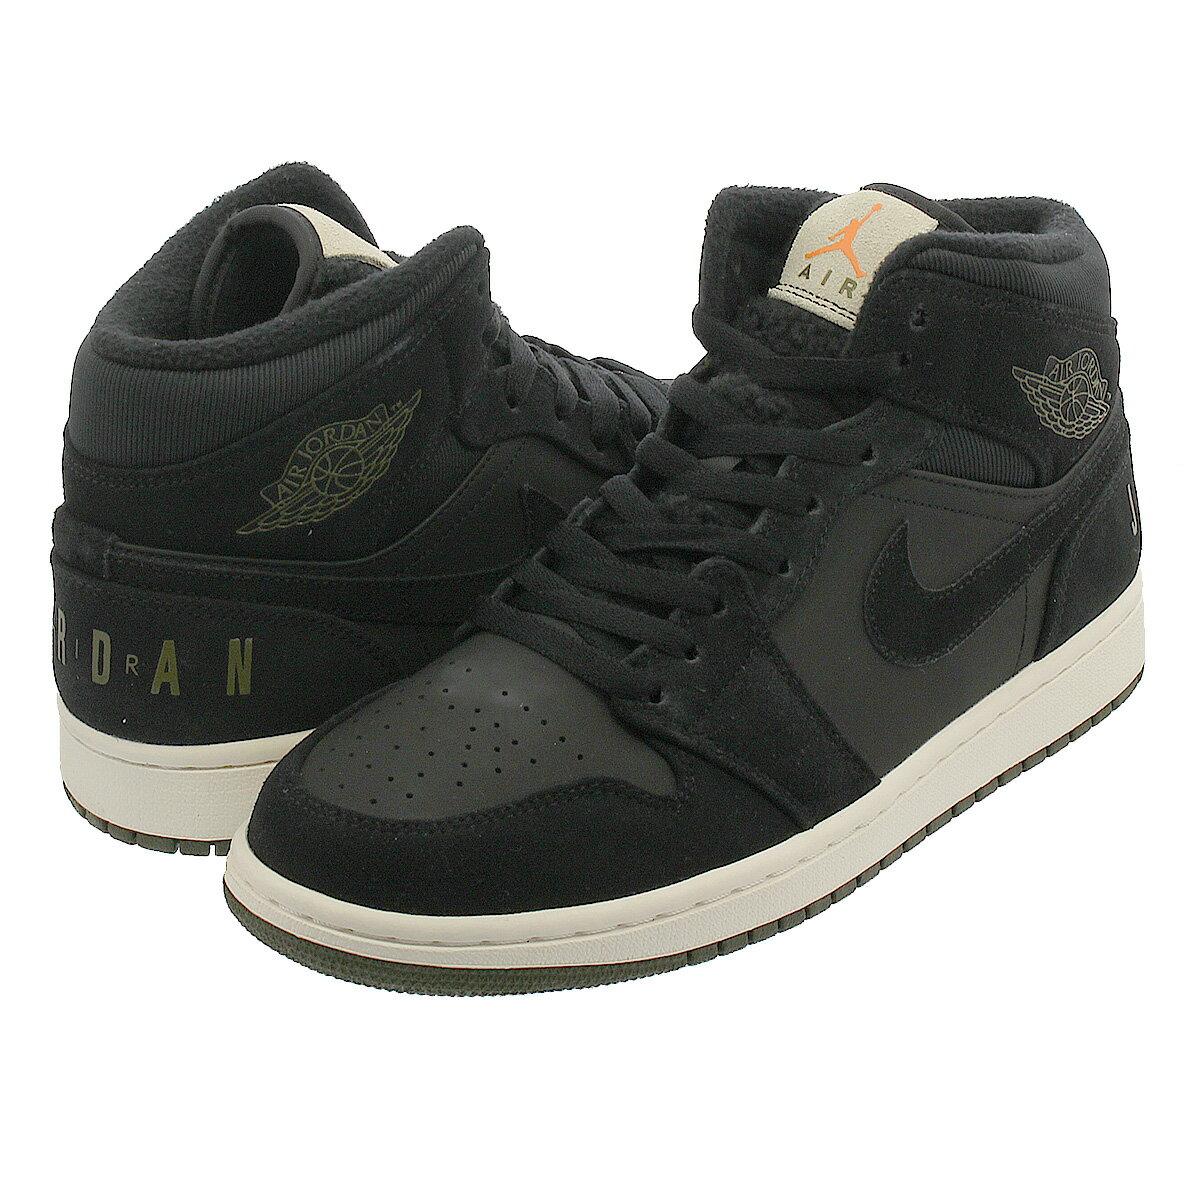 メンズ靴, スニーカー  NIKE AIR JORDAN 1 MID 1 BLACKOLIVE CANVASSAILCONE bq6579-001